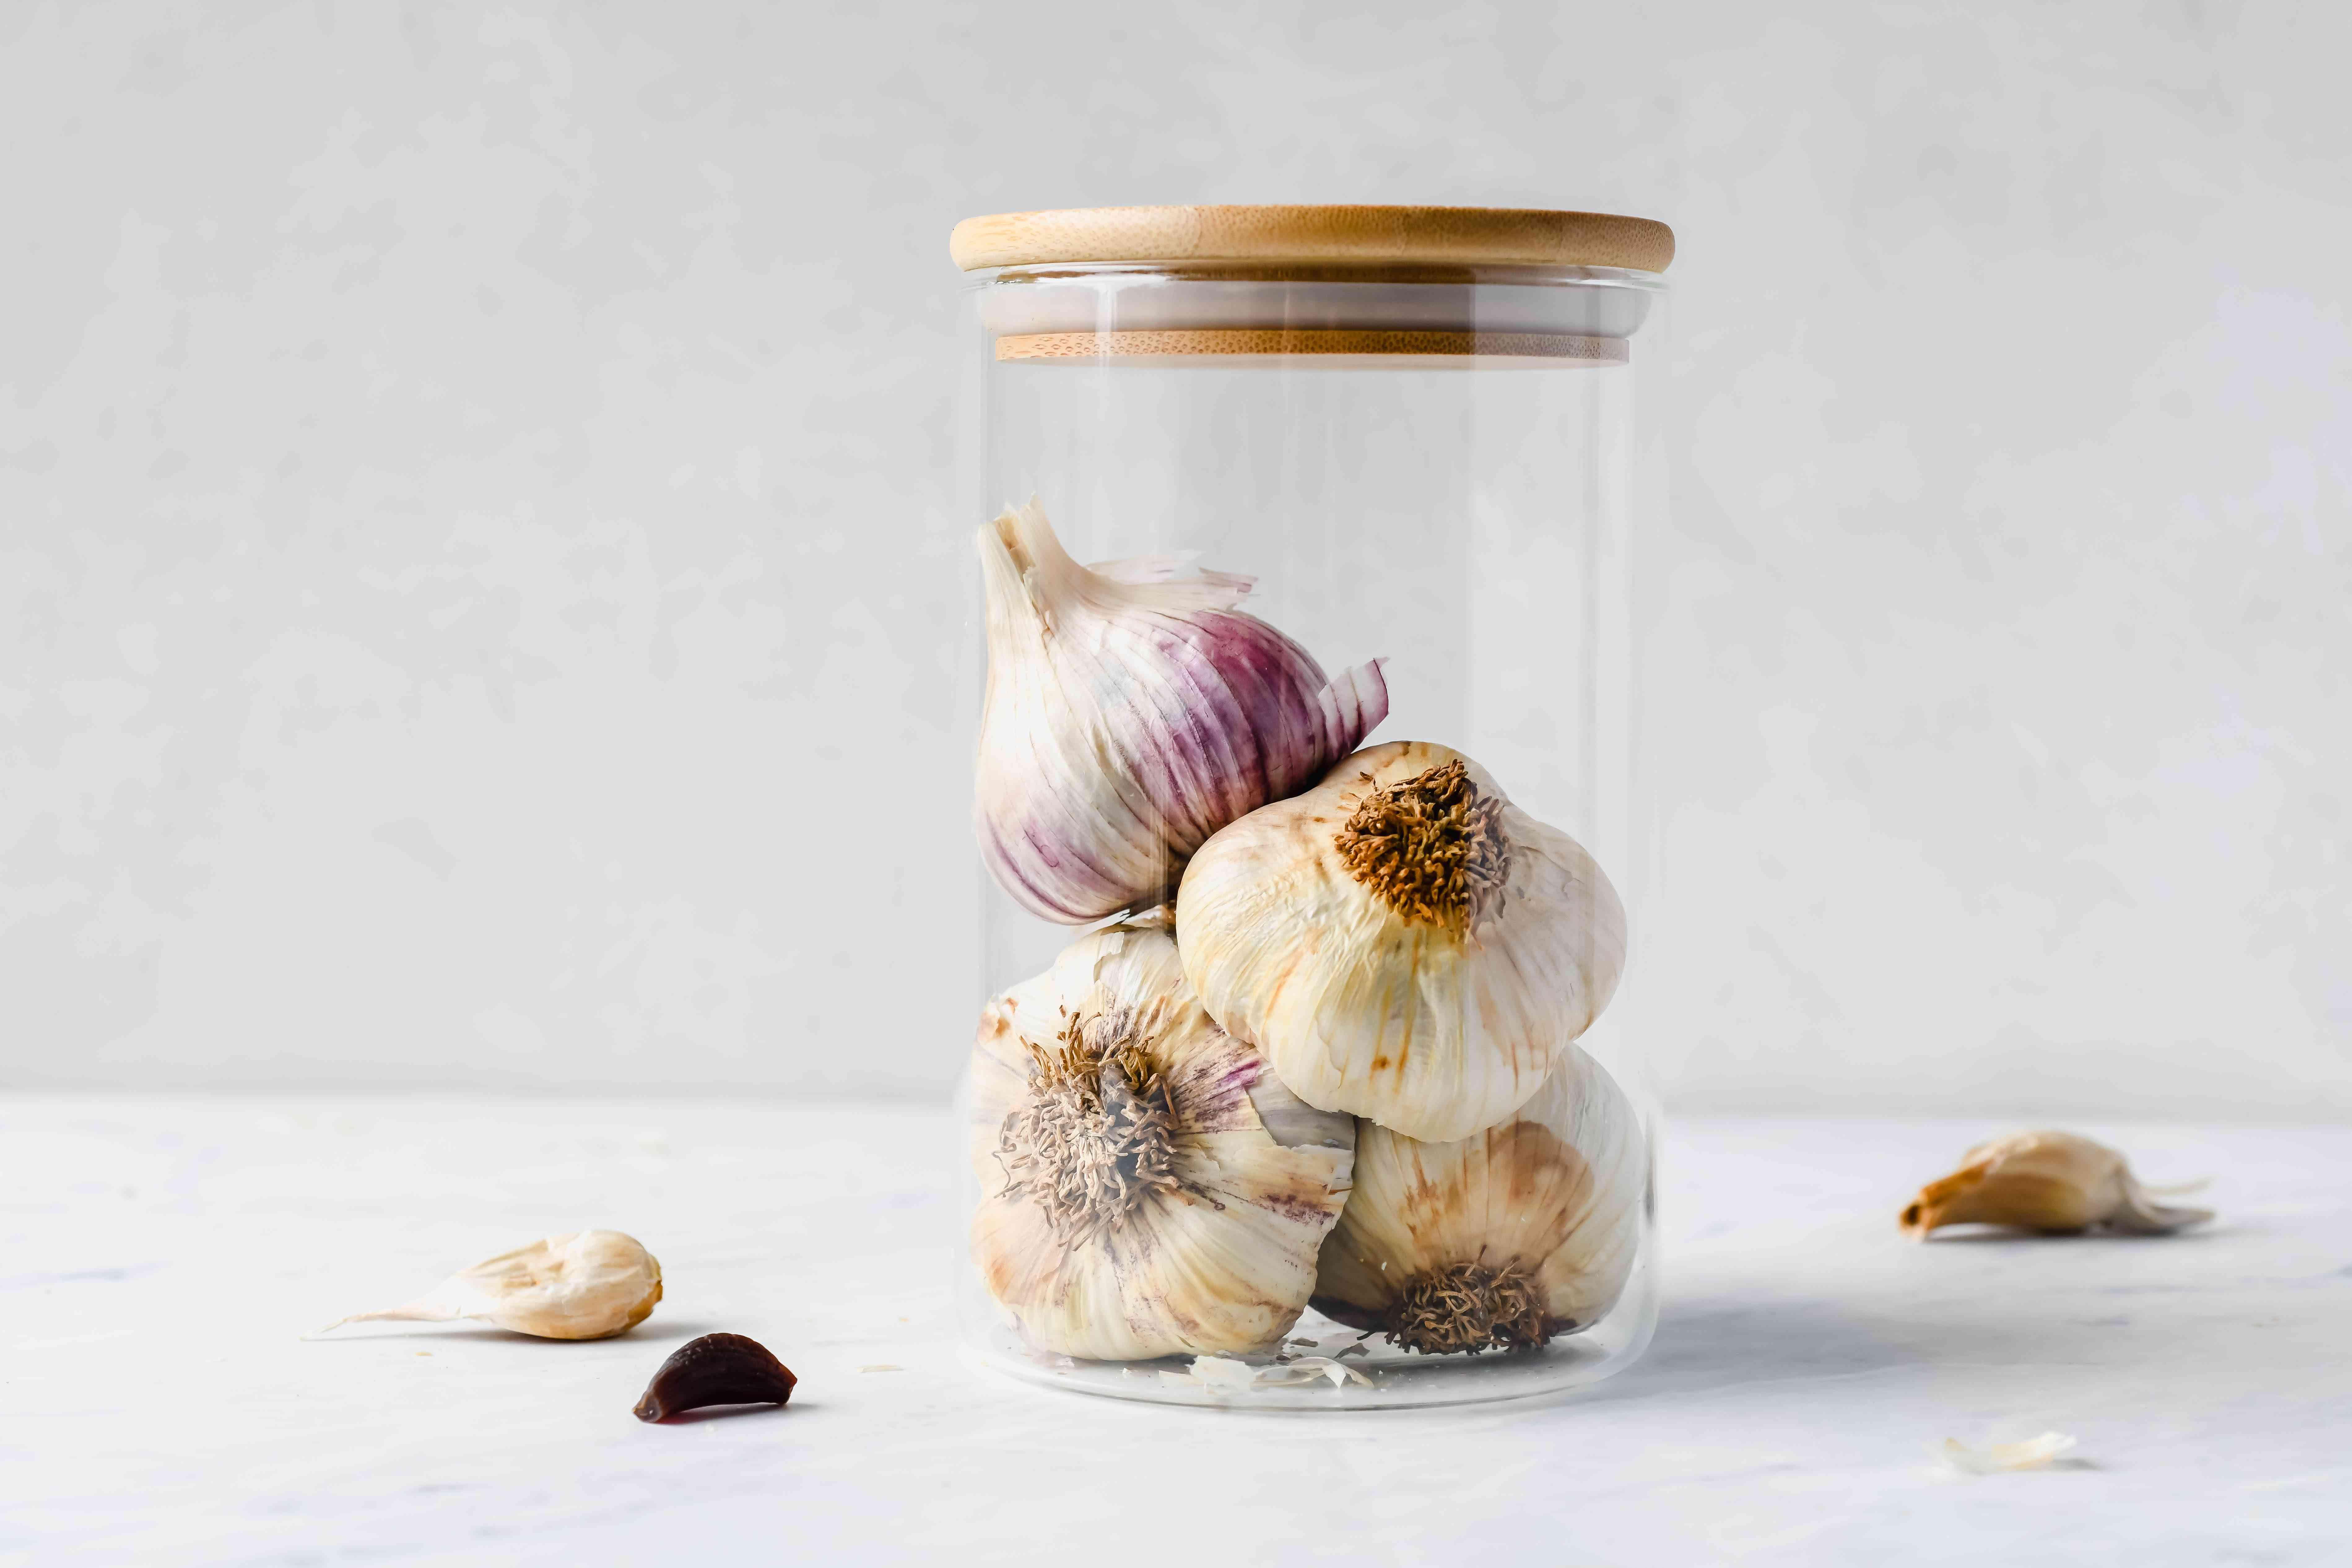 Black Garlic in a jar